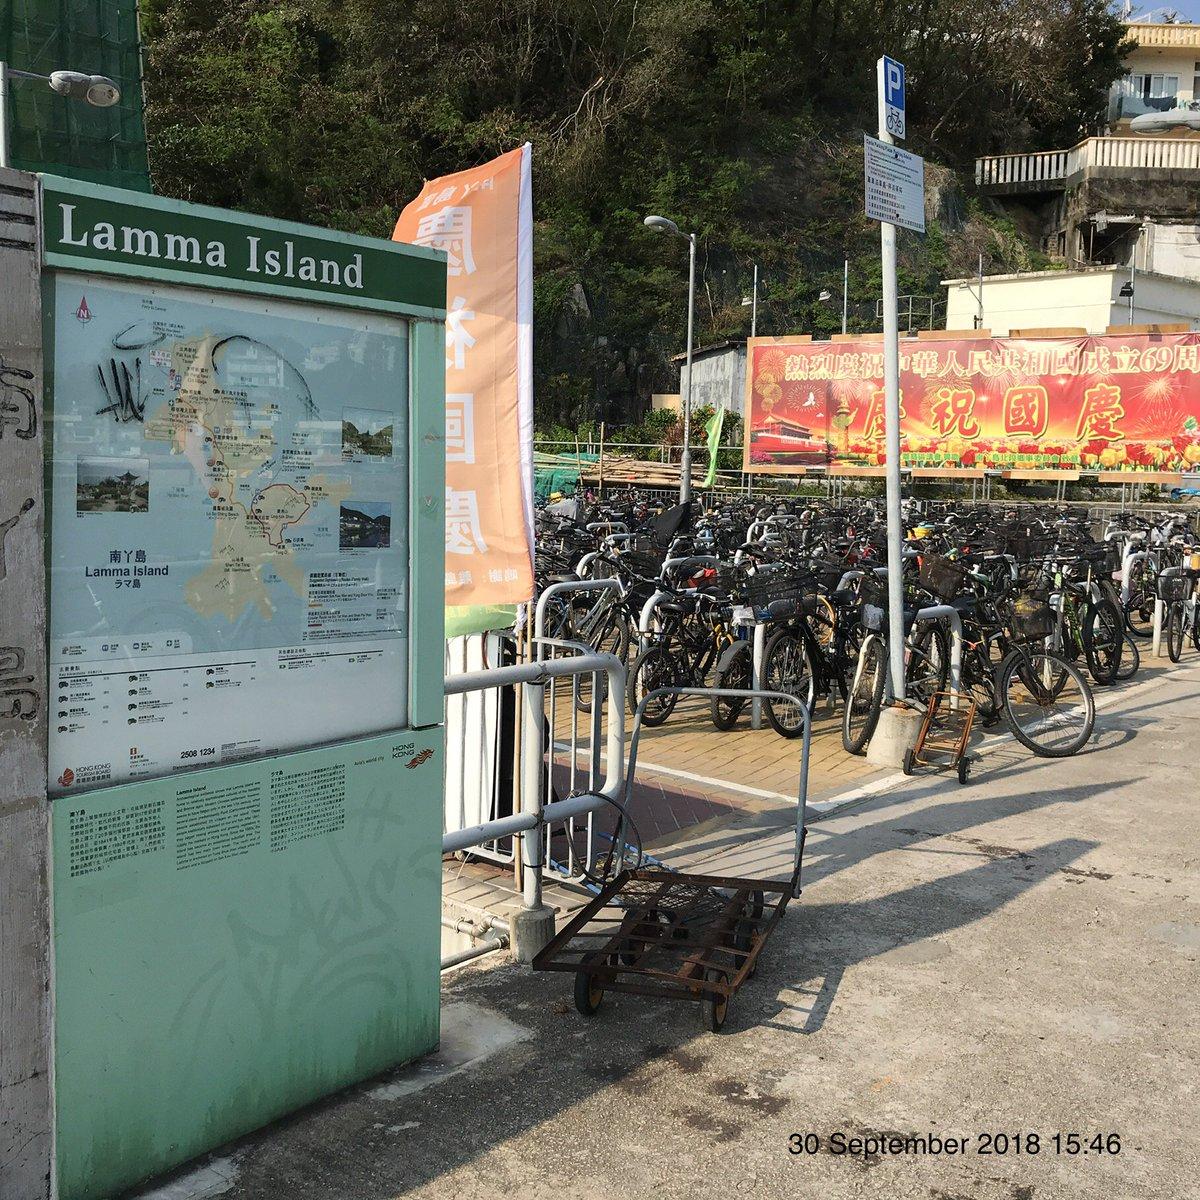 Car free bicycle rich Lamma island